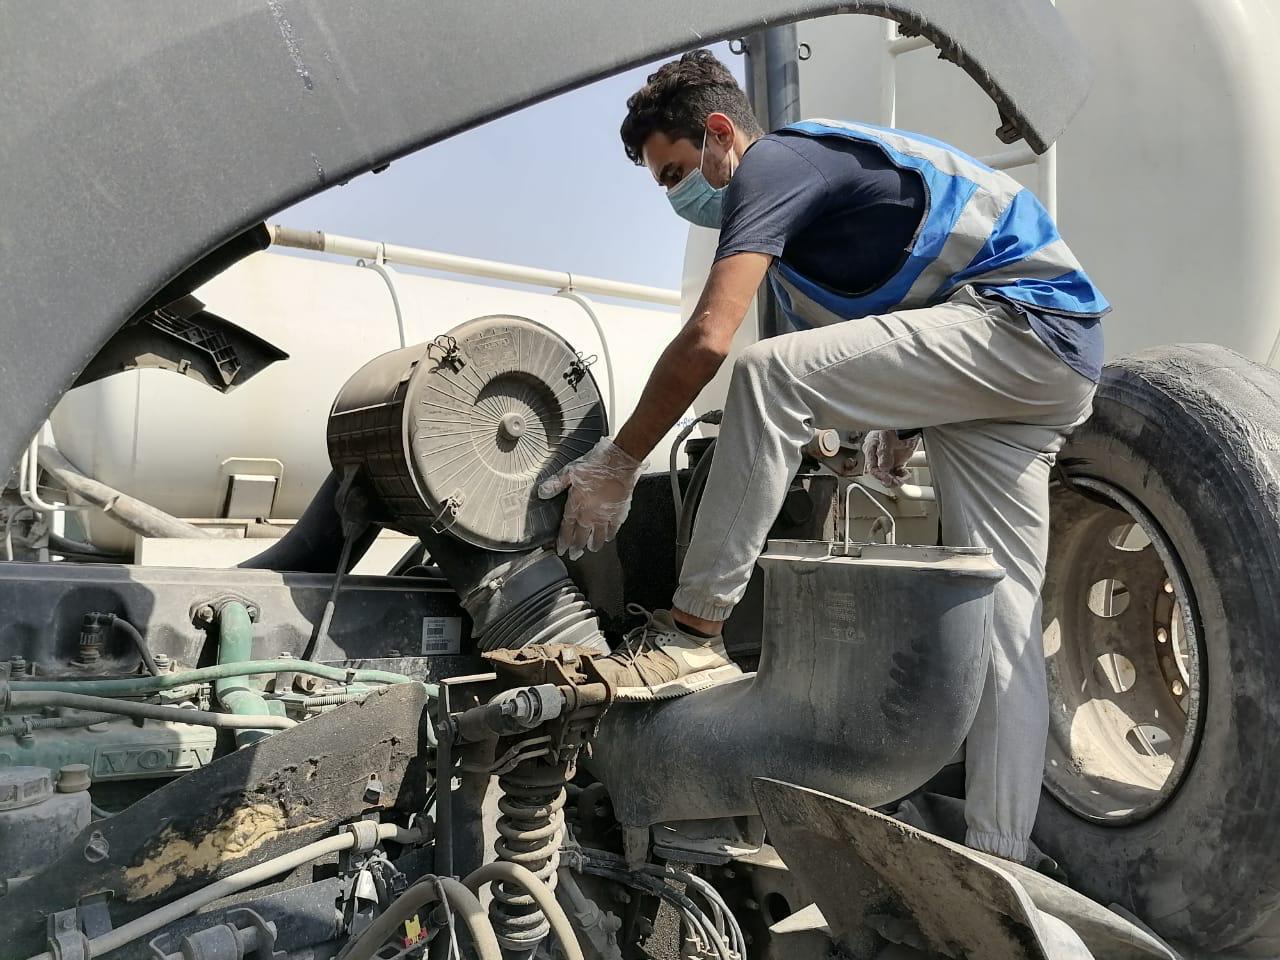 امانة بغداد تطلق حملة لصيانة الاليات التخصصية موقعياً